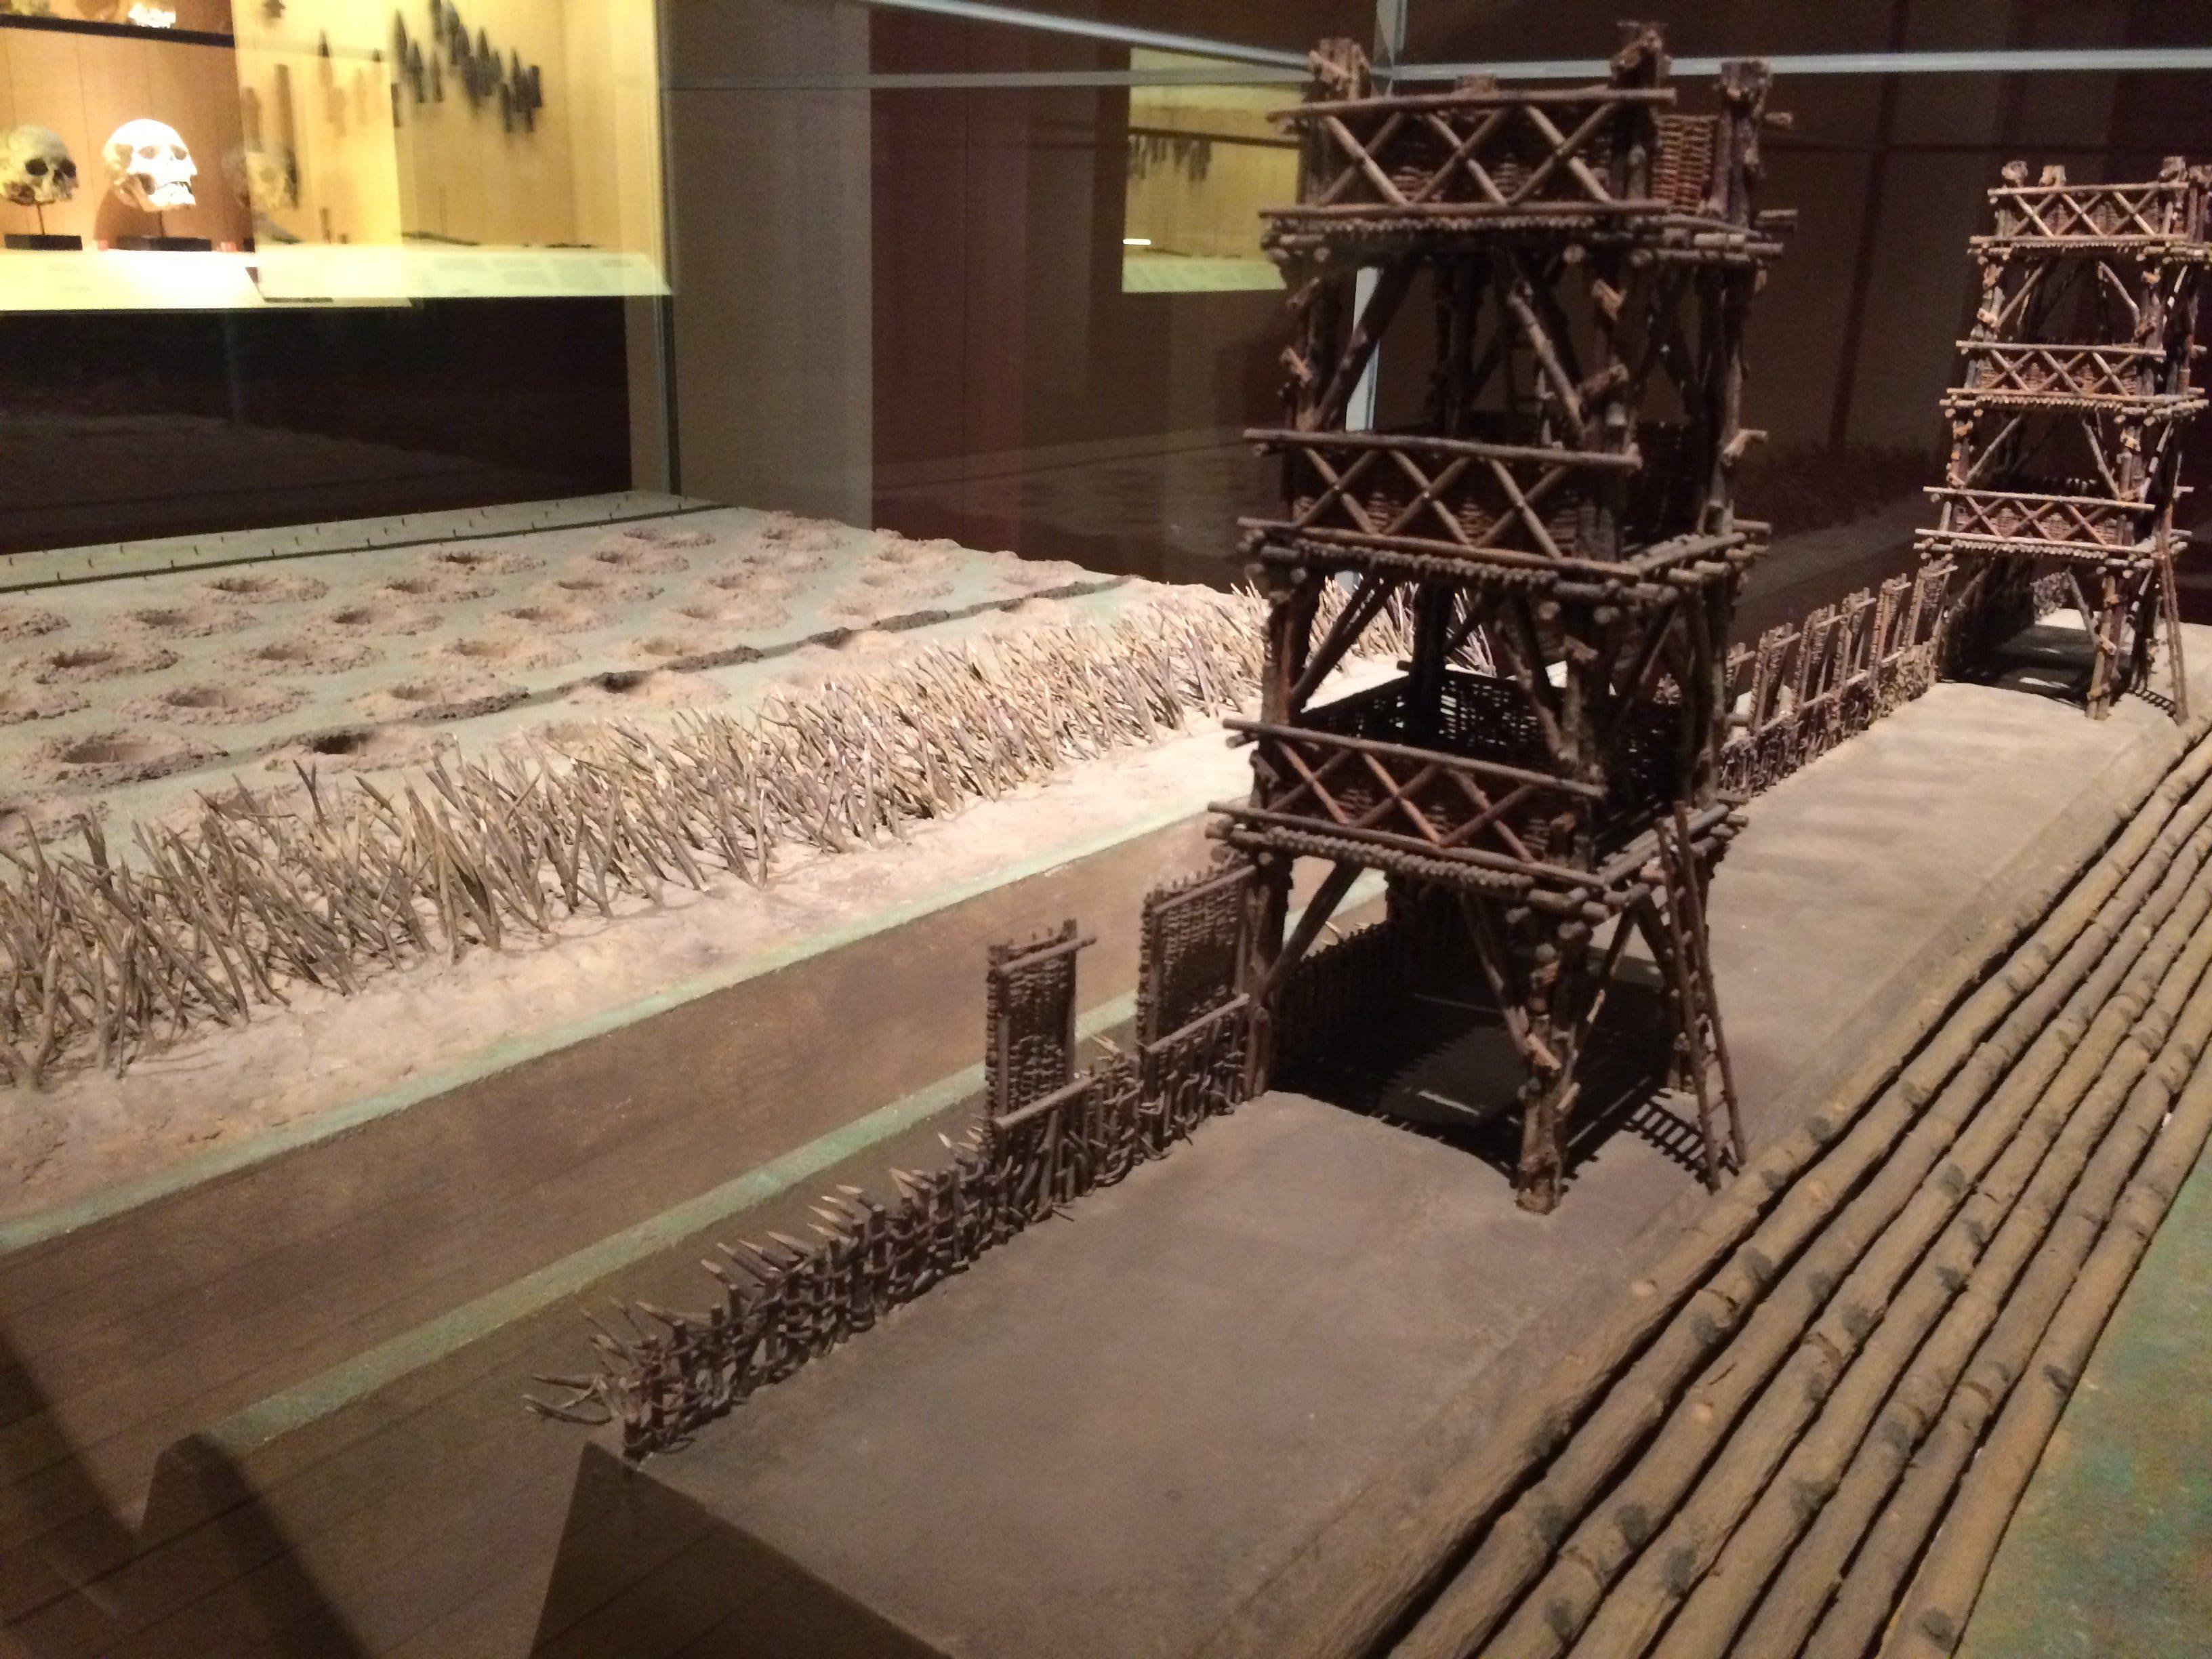 Maquette du siège Alésia - musée archéologie nationale - Saint-Germain-en-Laye